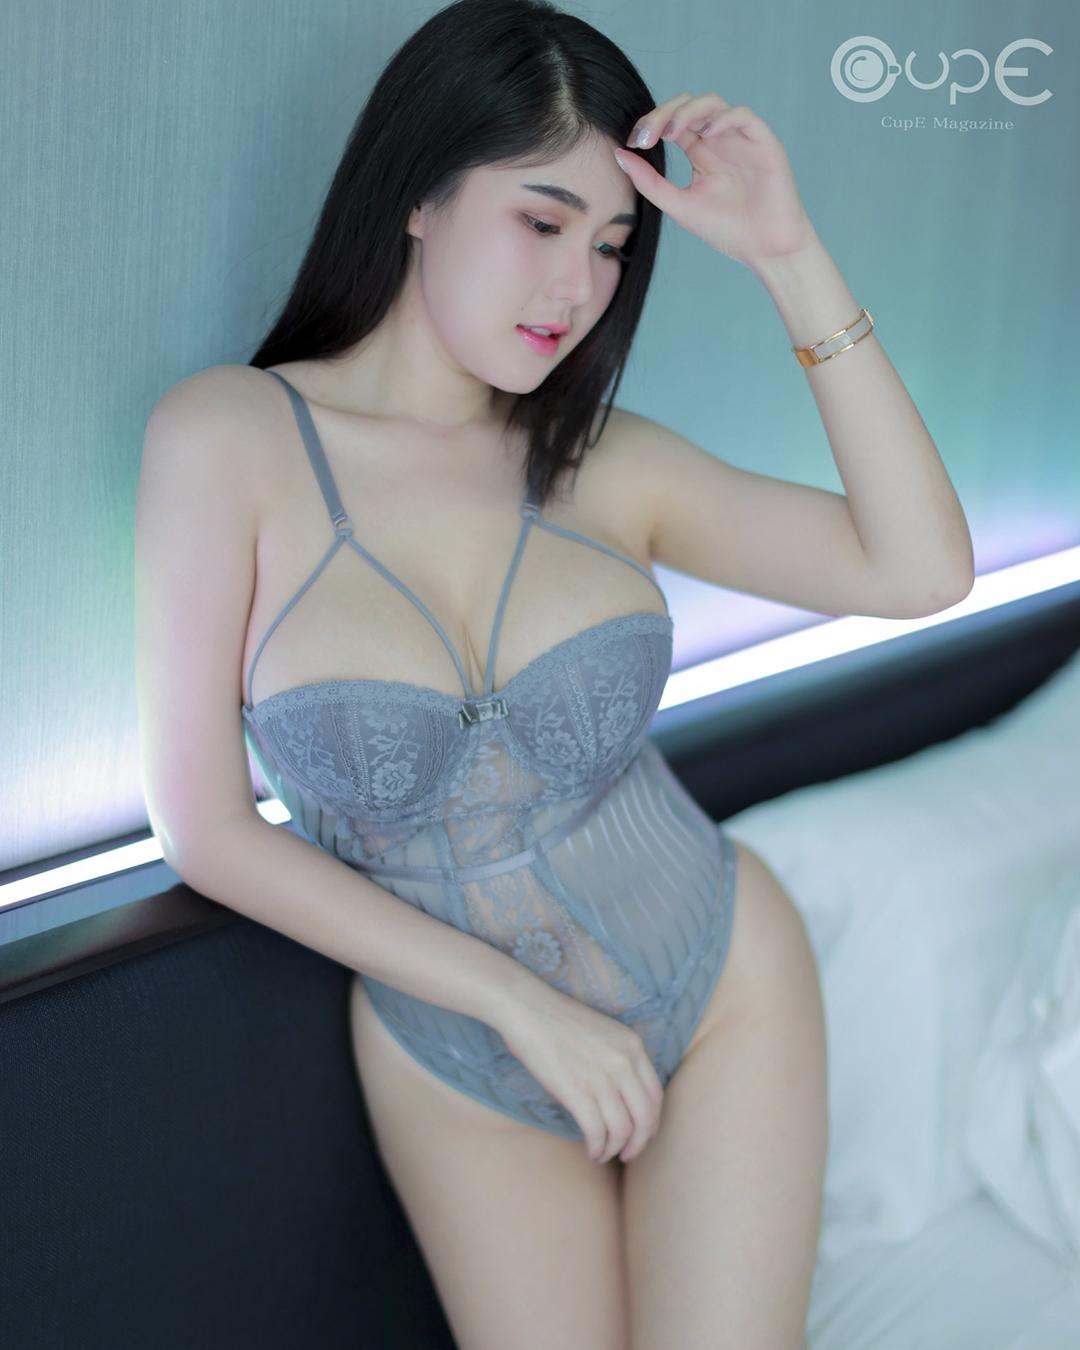 Nookkiie-Kanyanat-สาวเซ็กซี่-น่าอกโต-สาวน่ารัก-สาวสวย-เป็นที่ถูกใจของผู้ชาย-นม